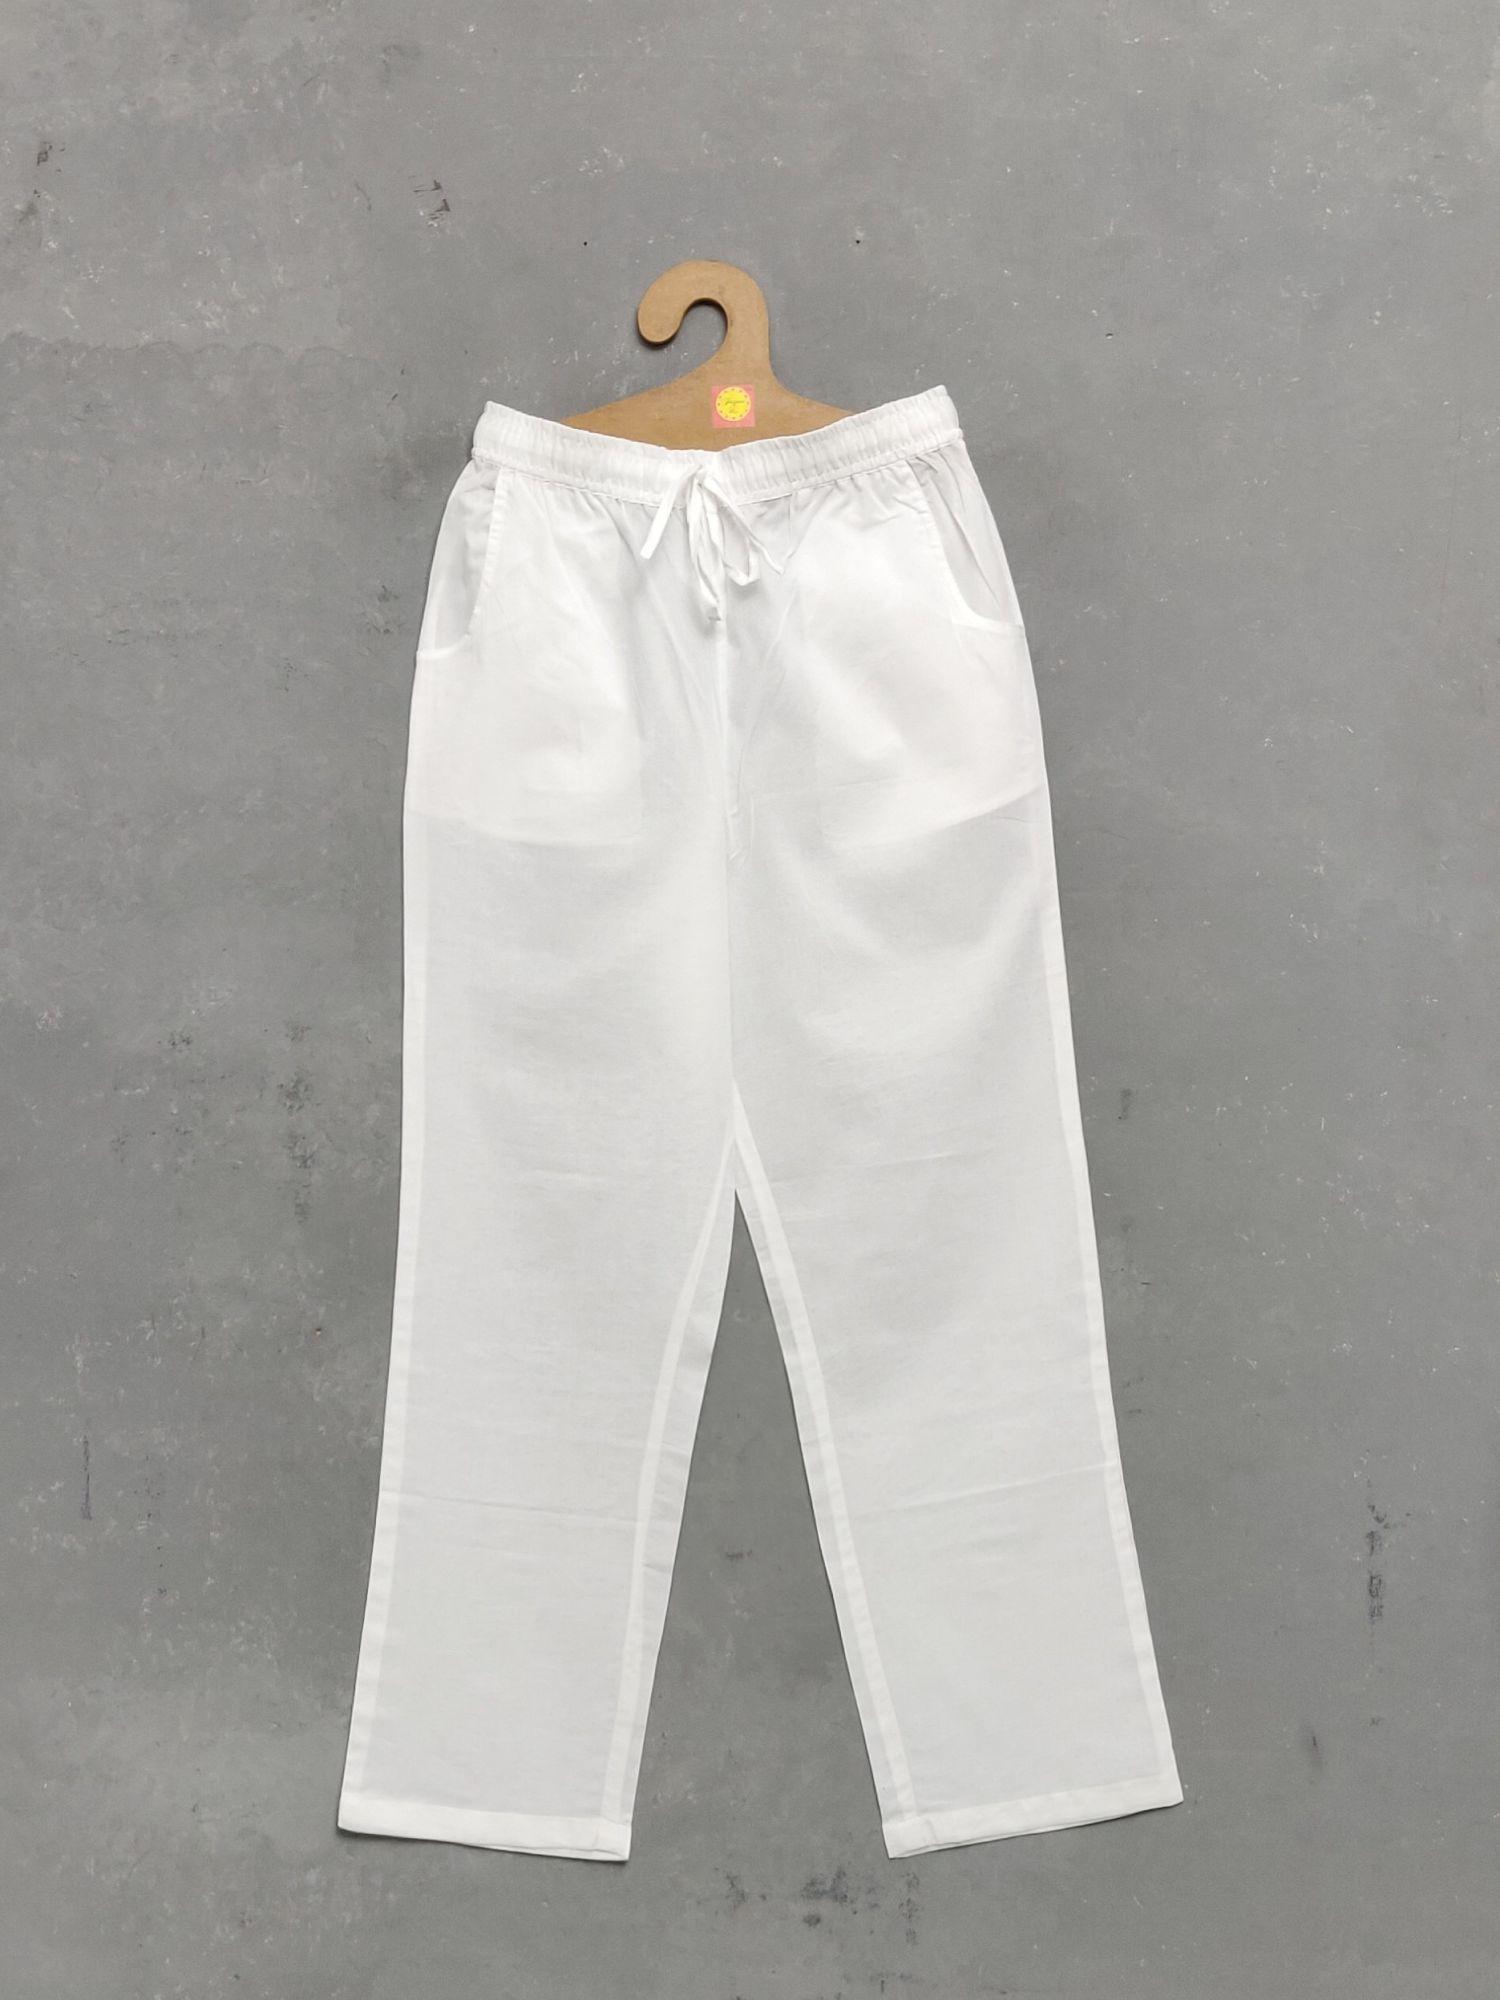 White Pyjamas / Pants